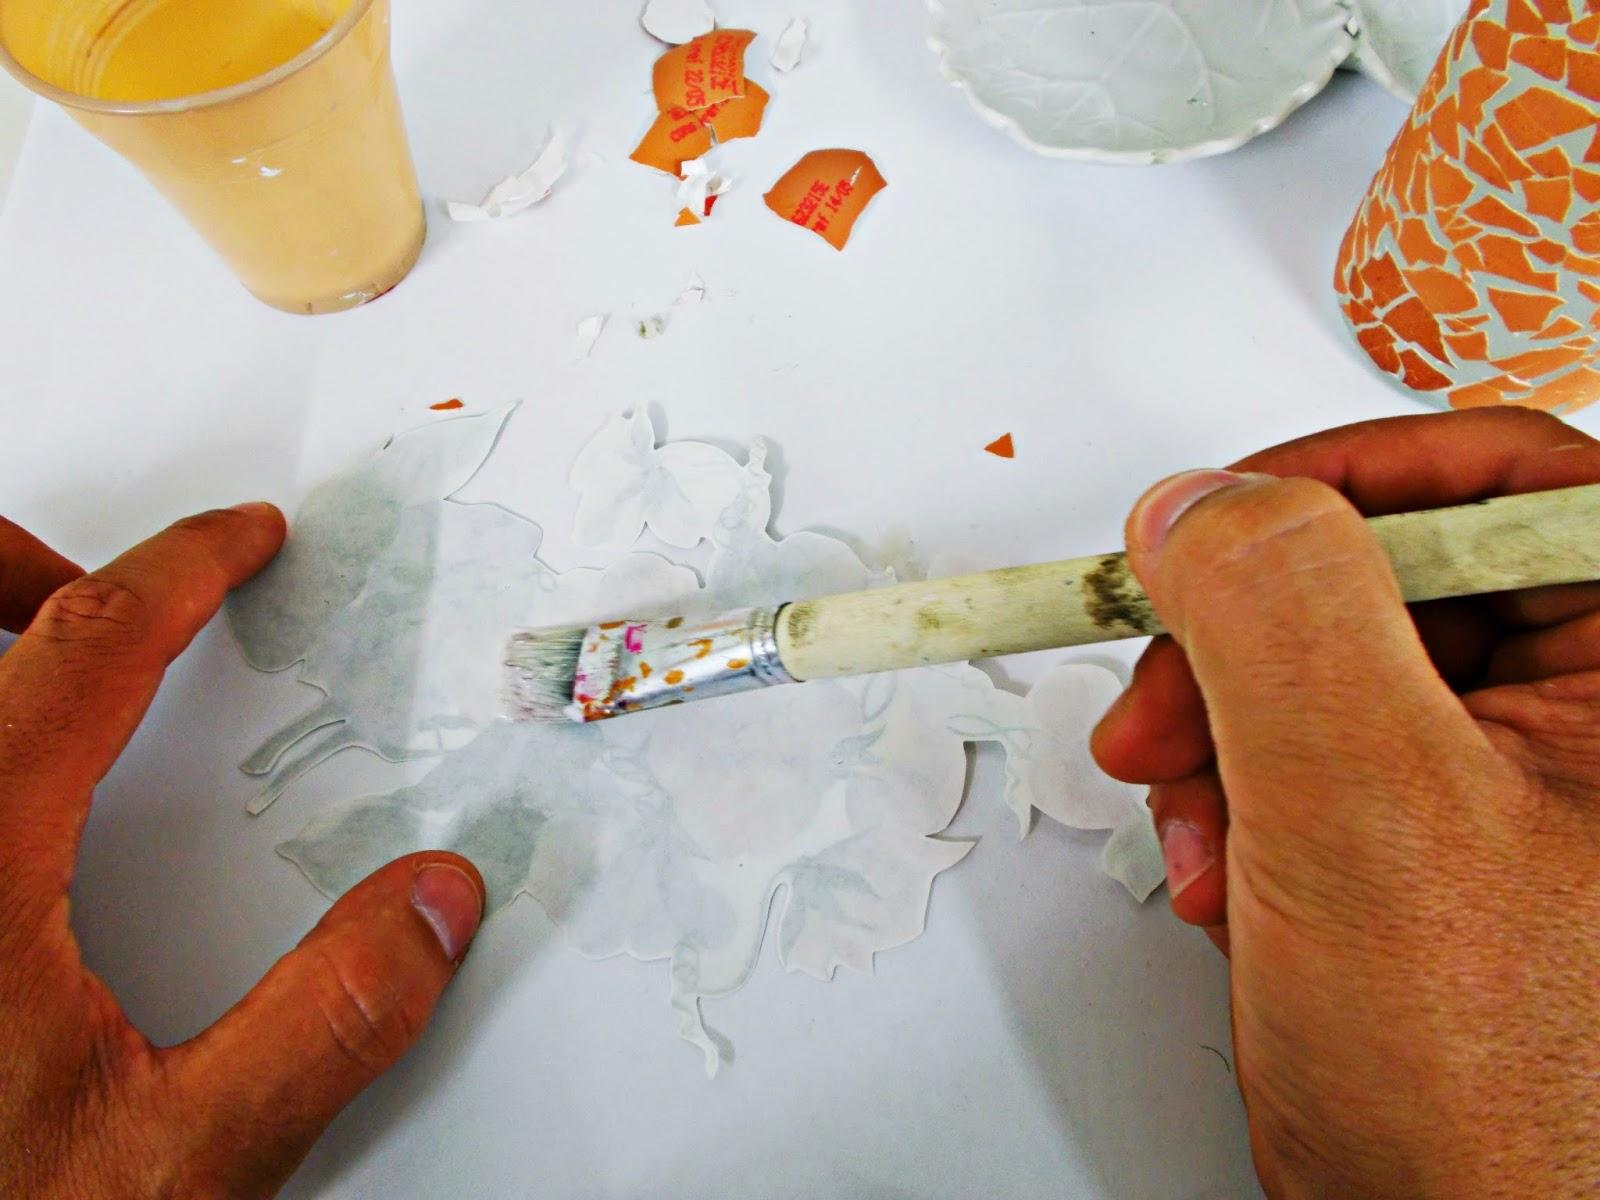 DIY-ideas decoración-reciclaje-diogeneras-botella-cristal-vidrio-cáscaras de huevo-decoupage-3